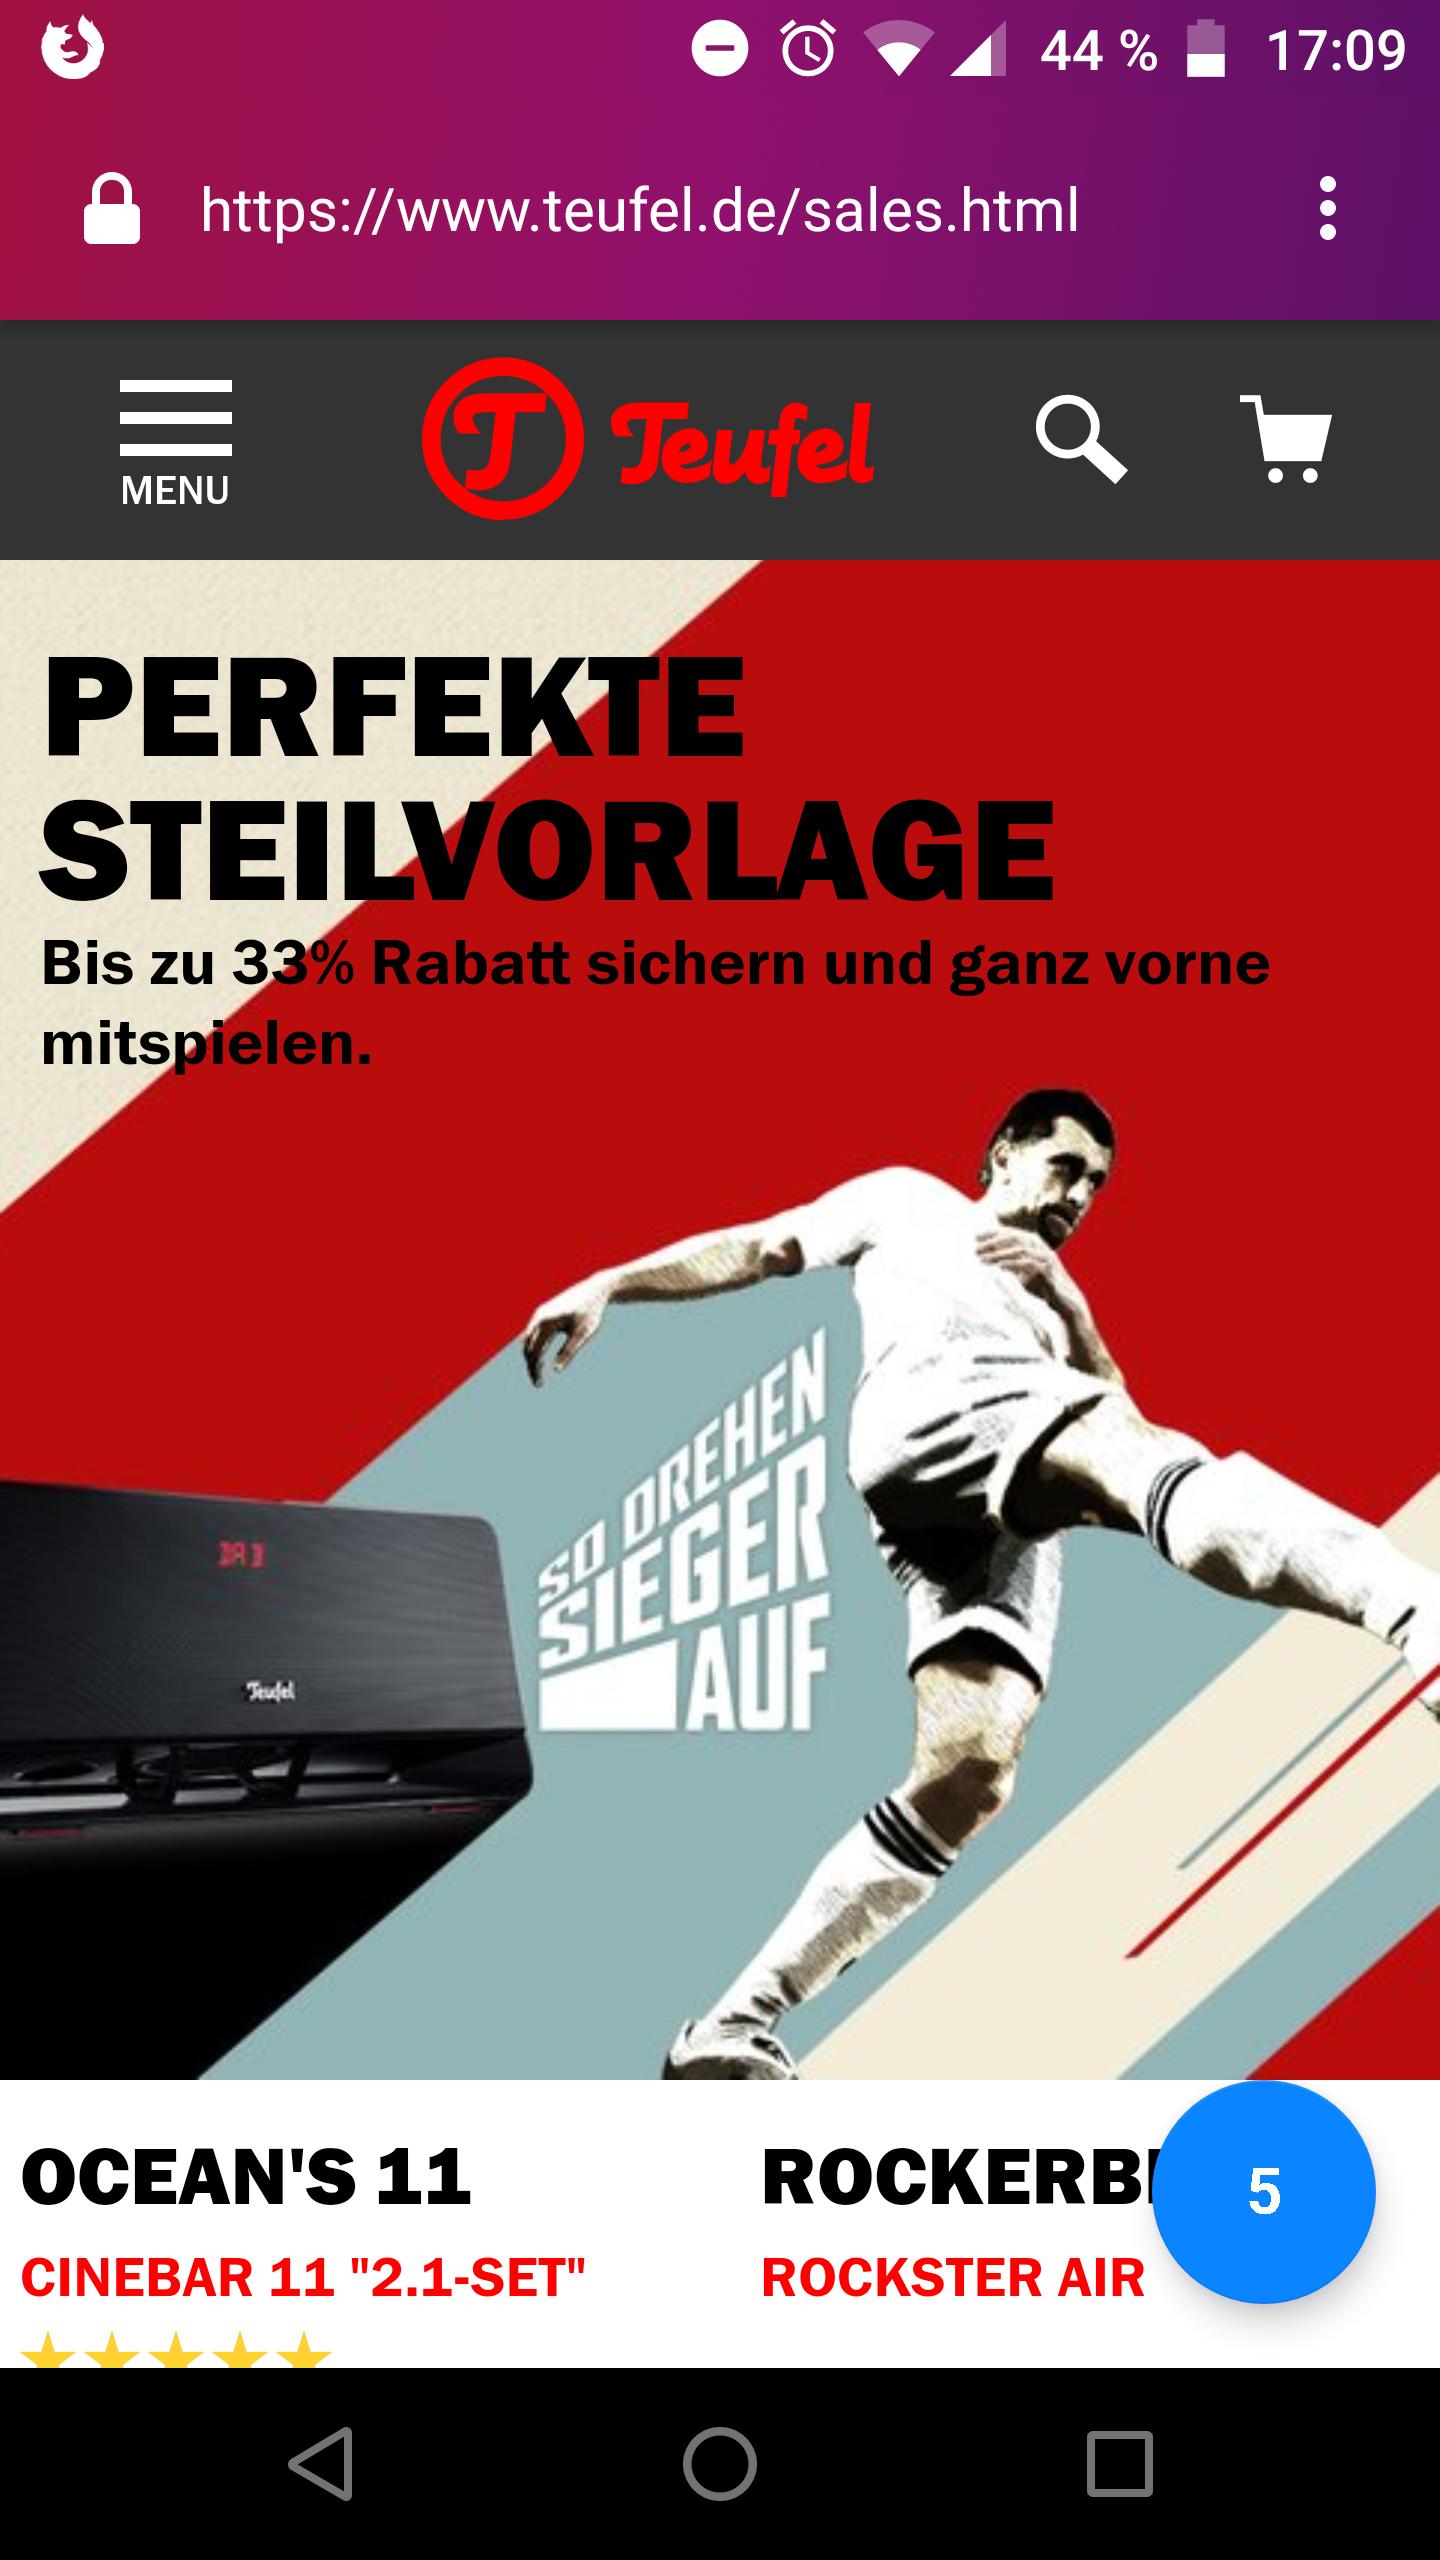 Teufel.de - Perfekte Steilvorlage (bis zu 33%)